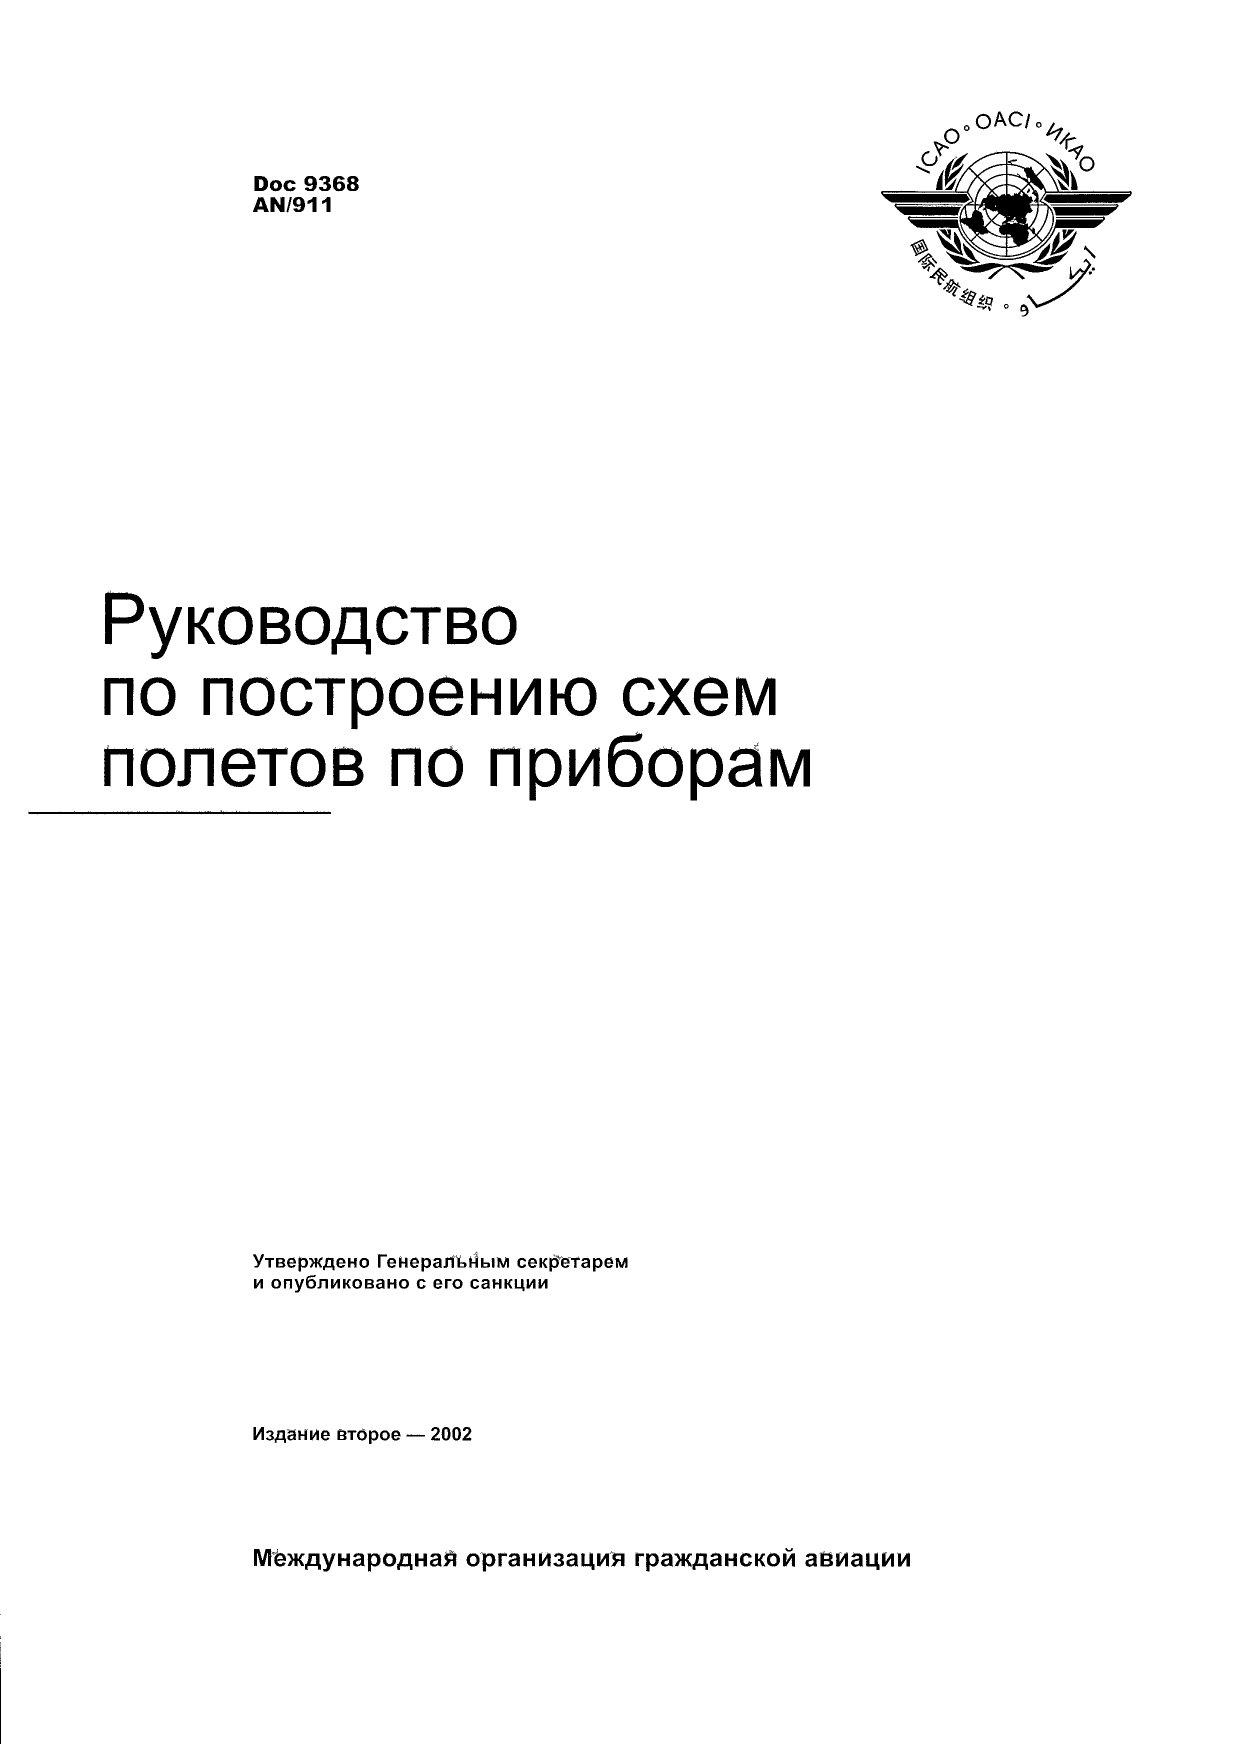 ICAO Doc 9368 Руководство по построению схем полетов по приборам